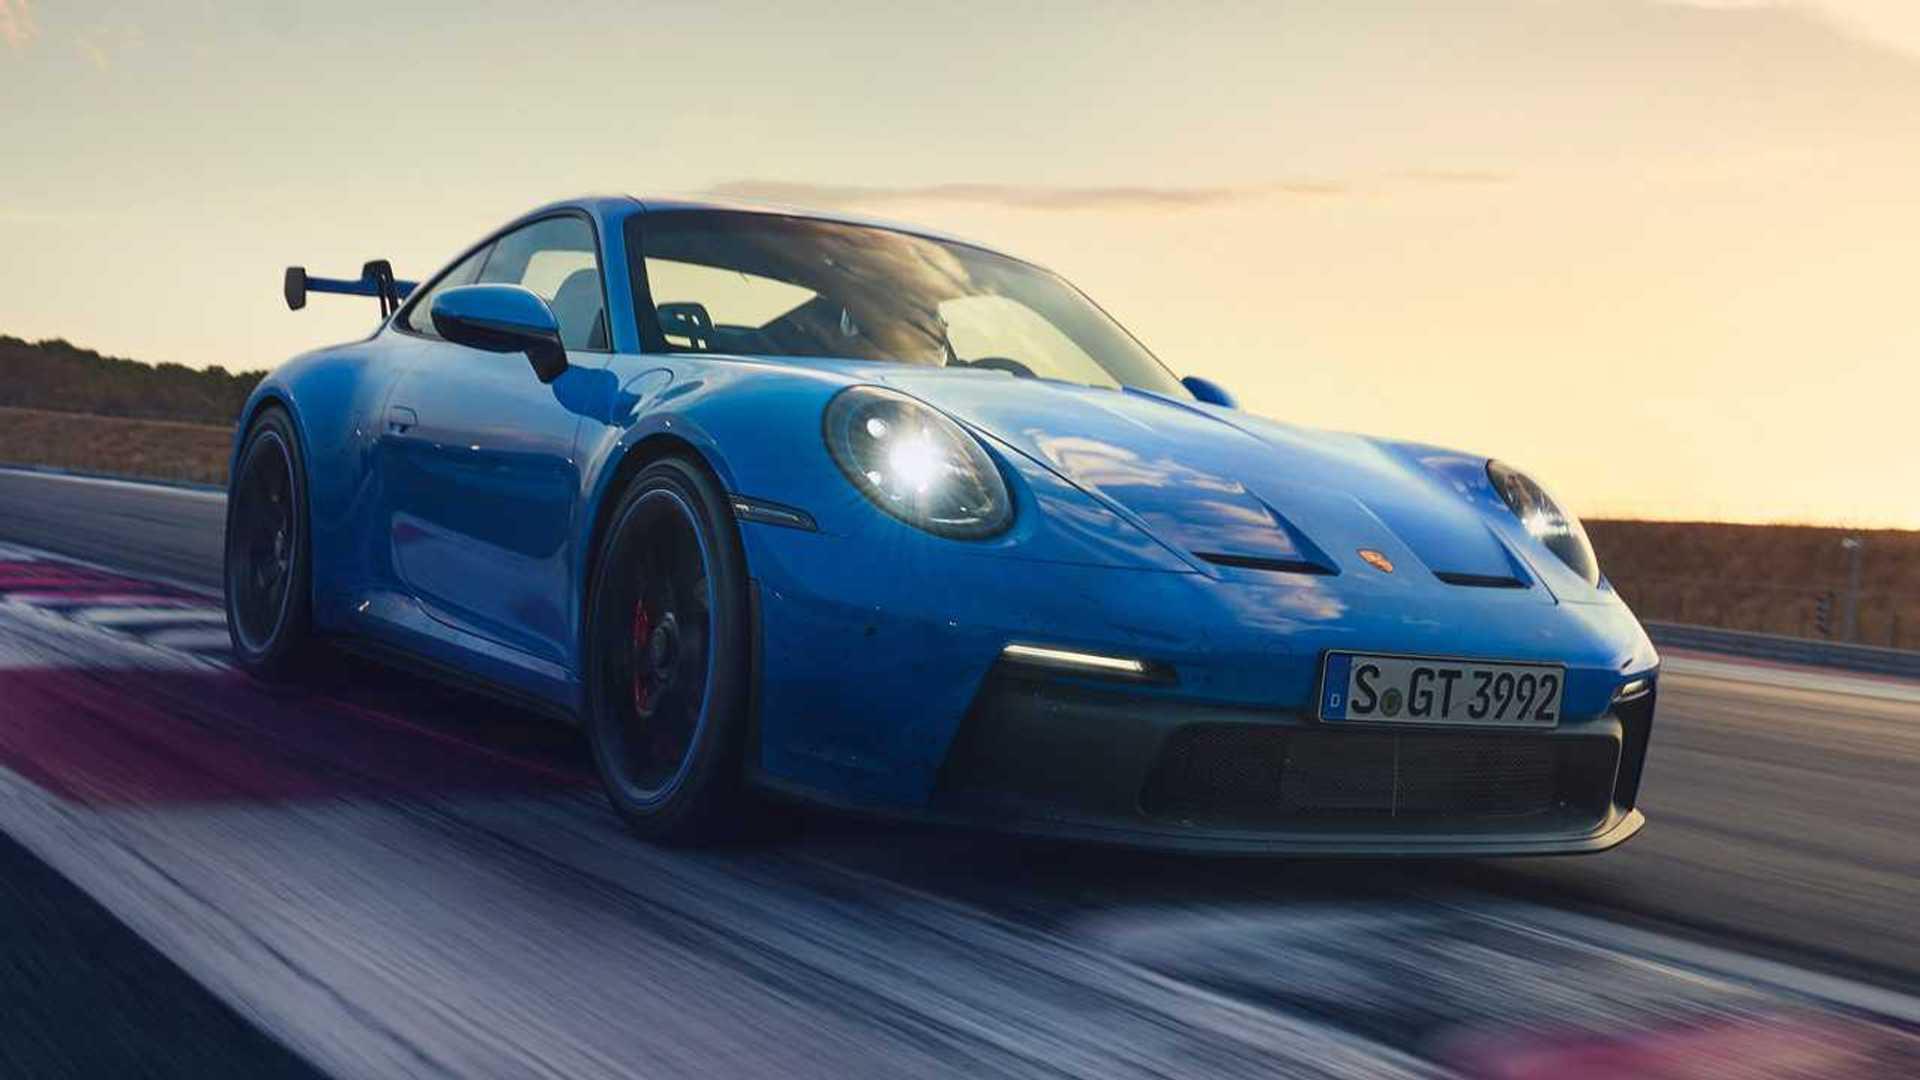 2022 Porsche 911 GT3  Nose Headlights On